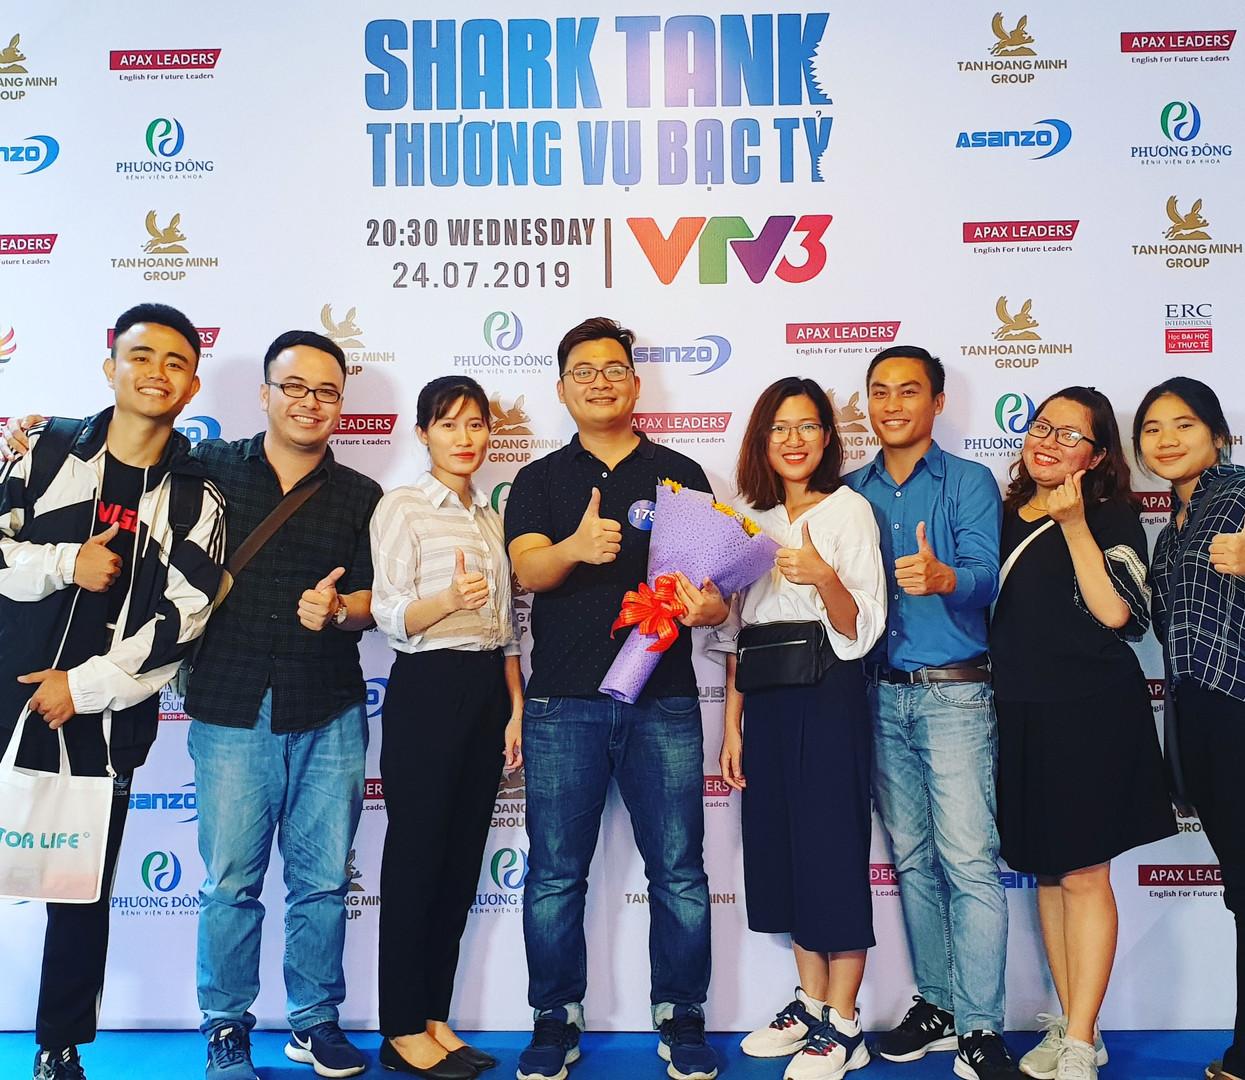 SS English Academy tham dự Shark Tank (Thương vụ bạc tỷ)